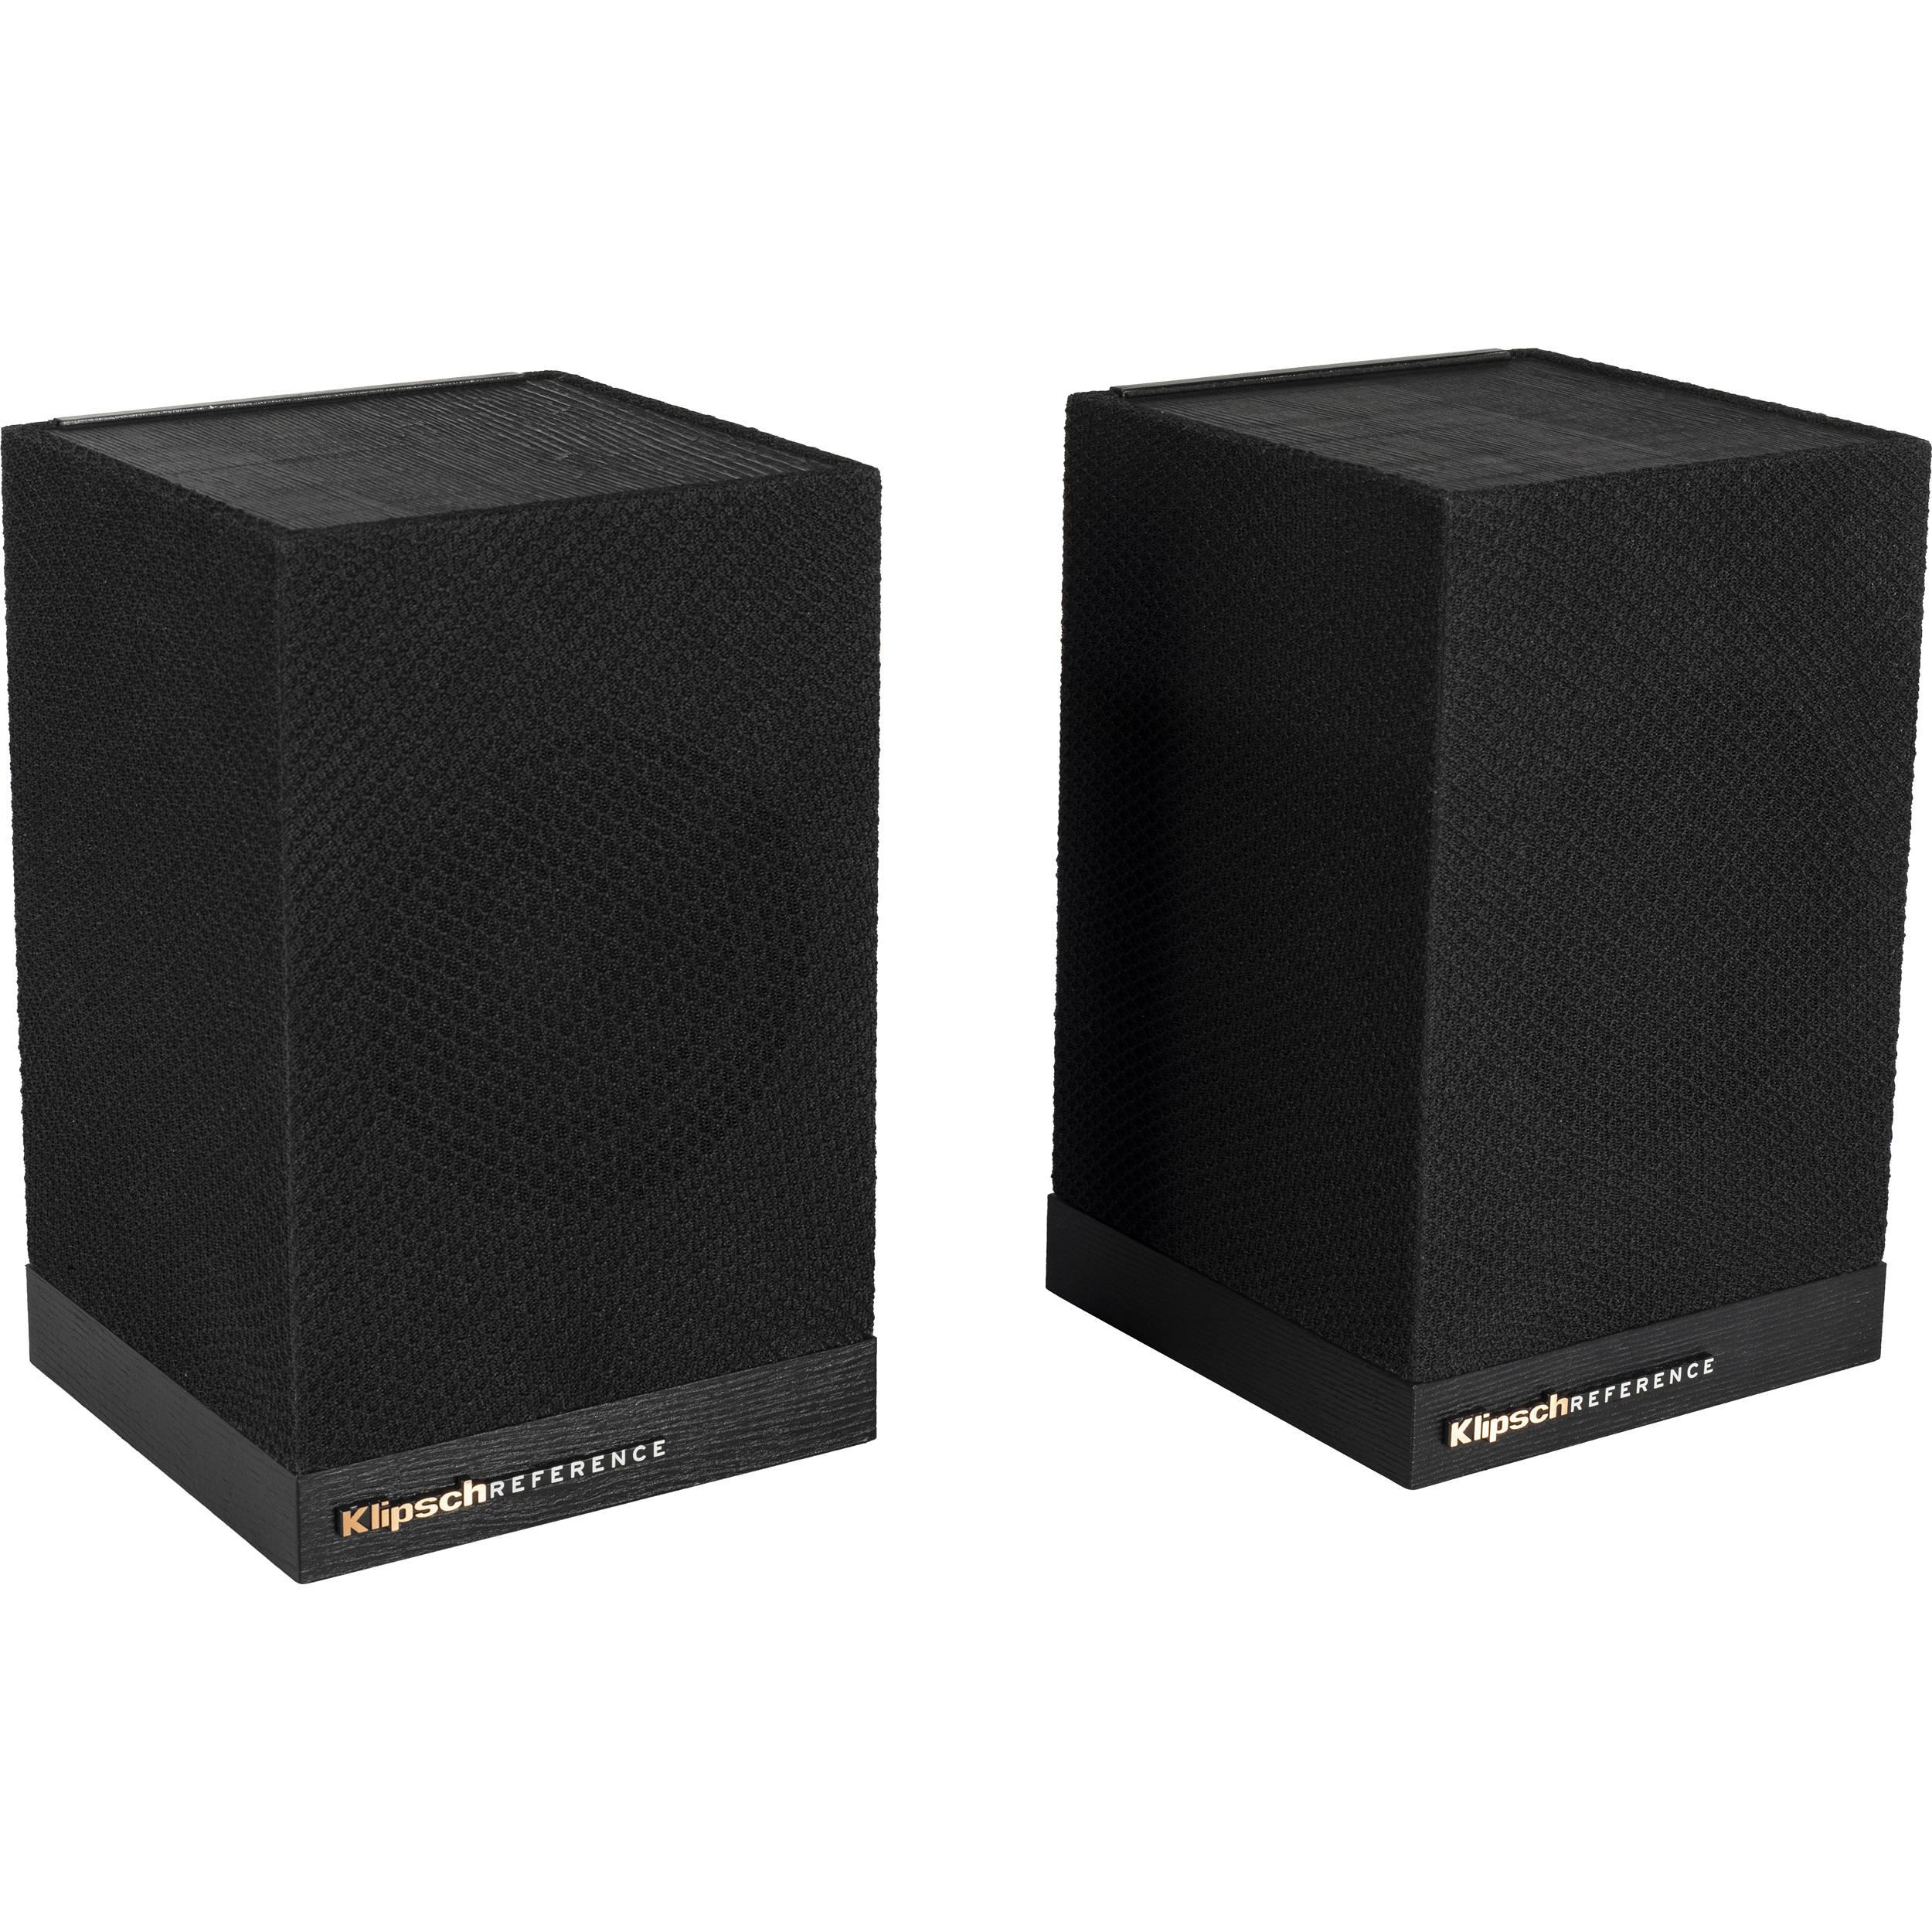 Klipsch Surround Sound >> Klipsch Surround 3 Wireless Speakers Black Pair 1067530 B H